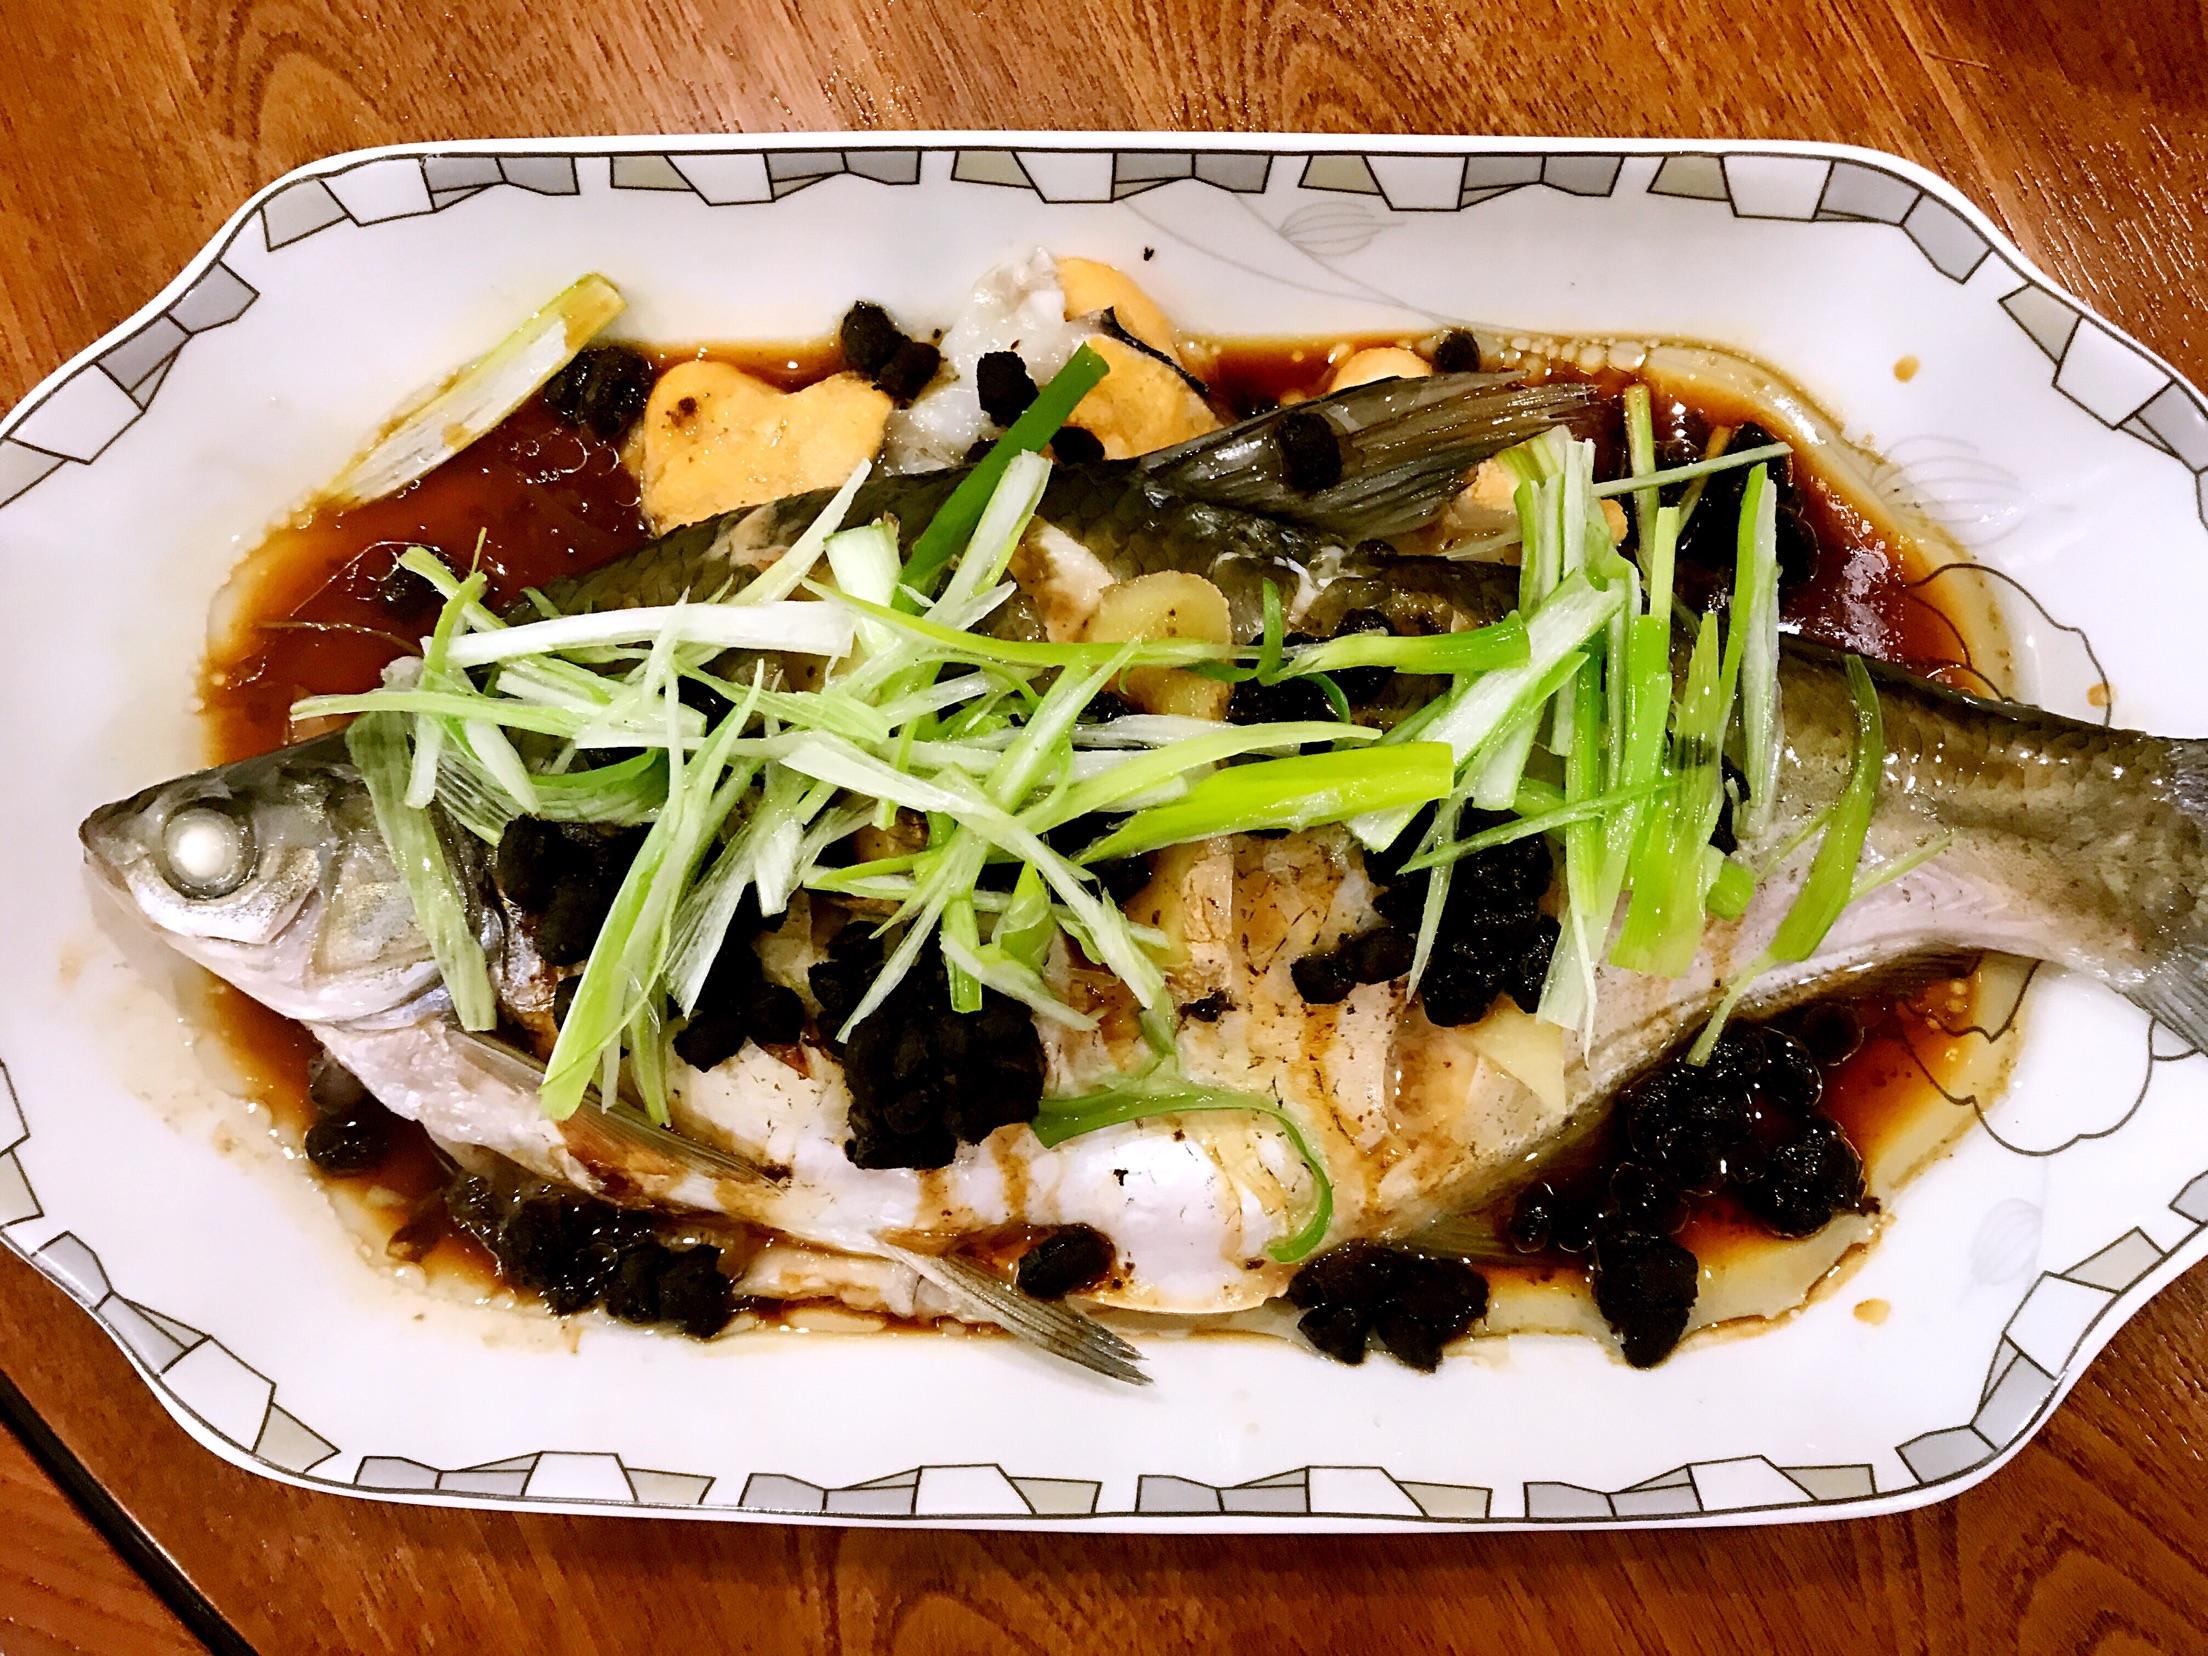 炒菜煲汤临锅时加入提鲜不口干 豉香蒸鱼的做法步骤        本菜谱的